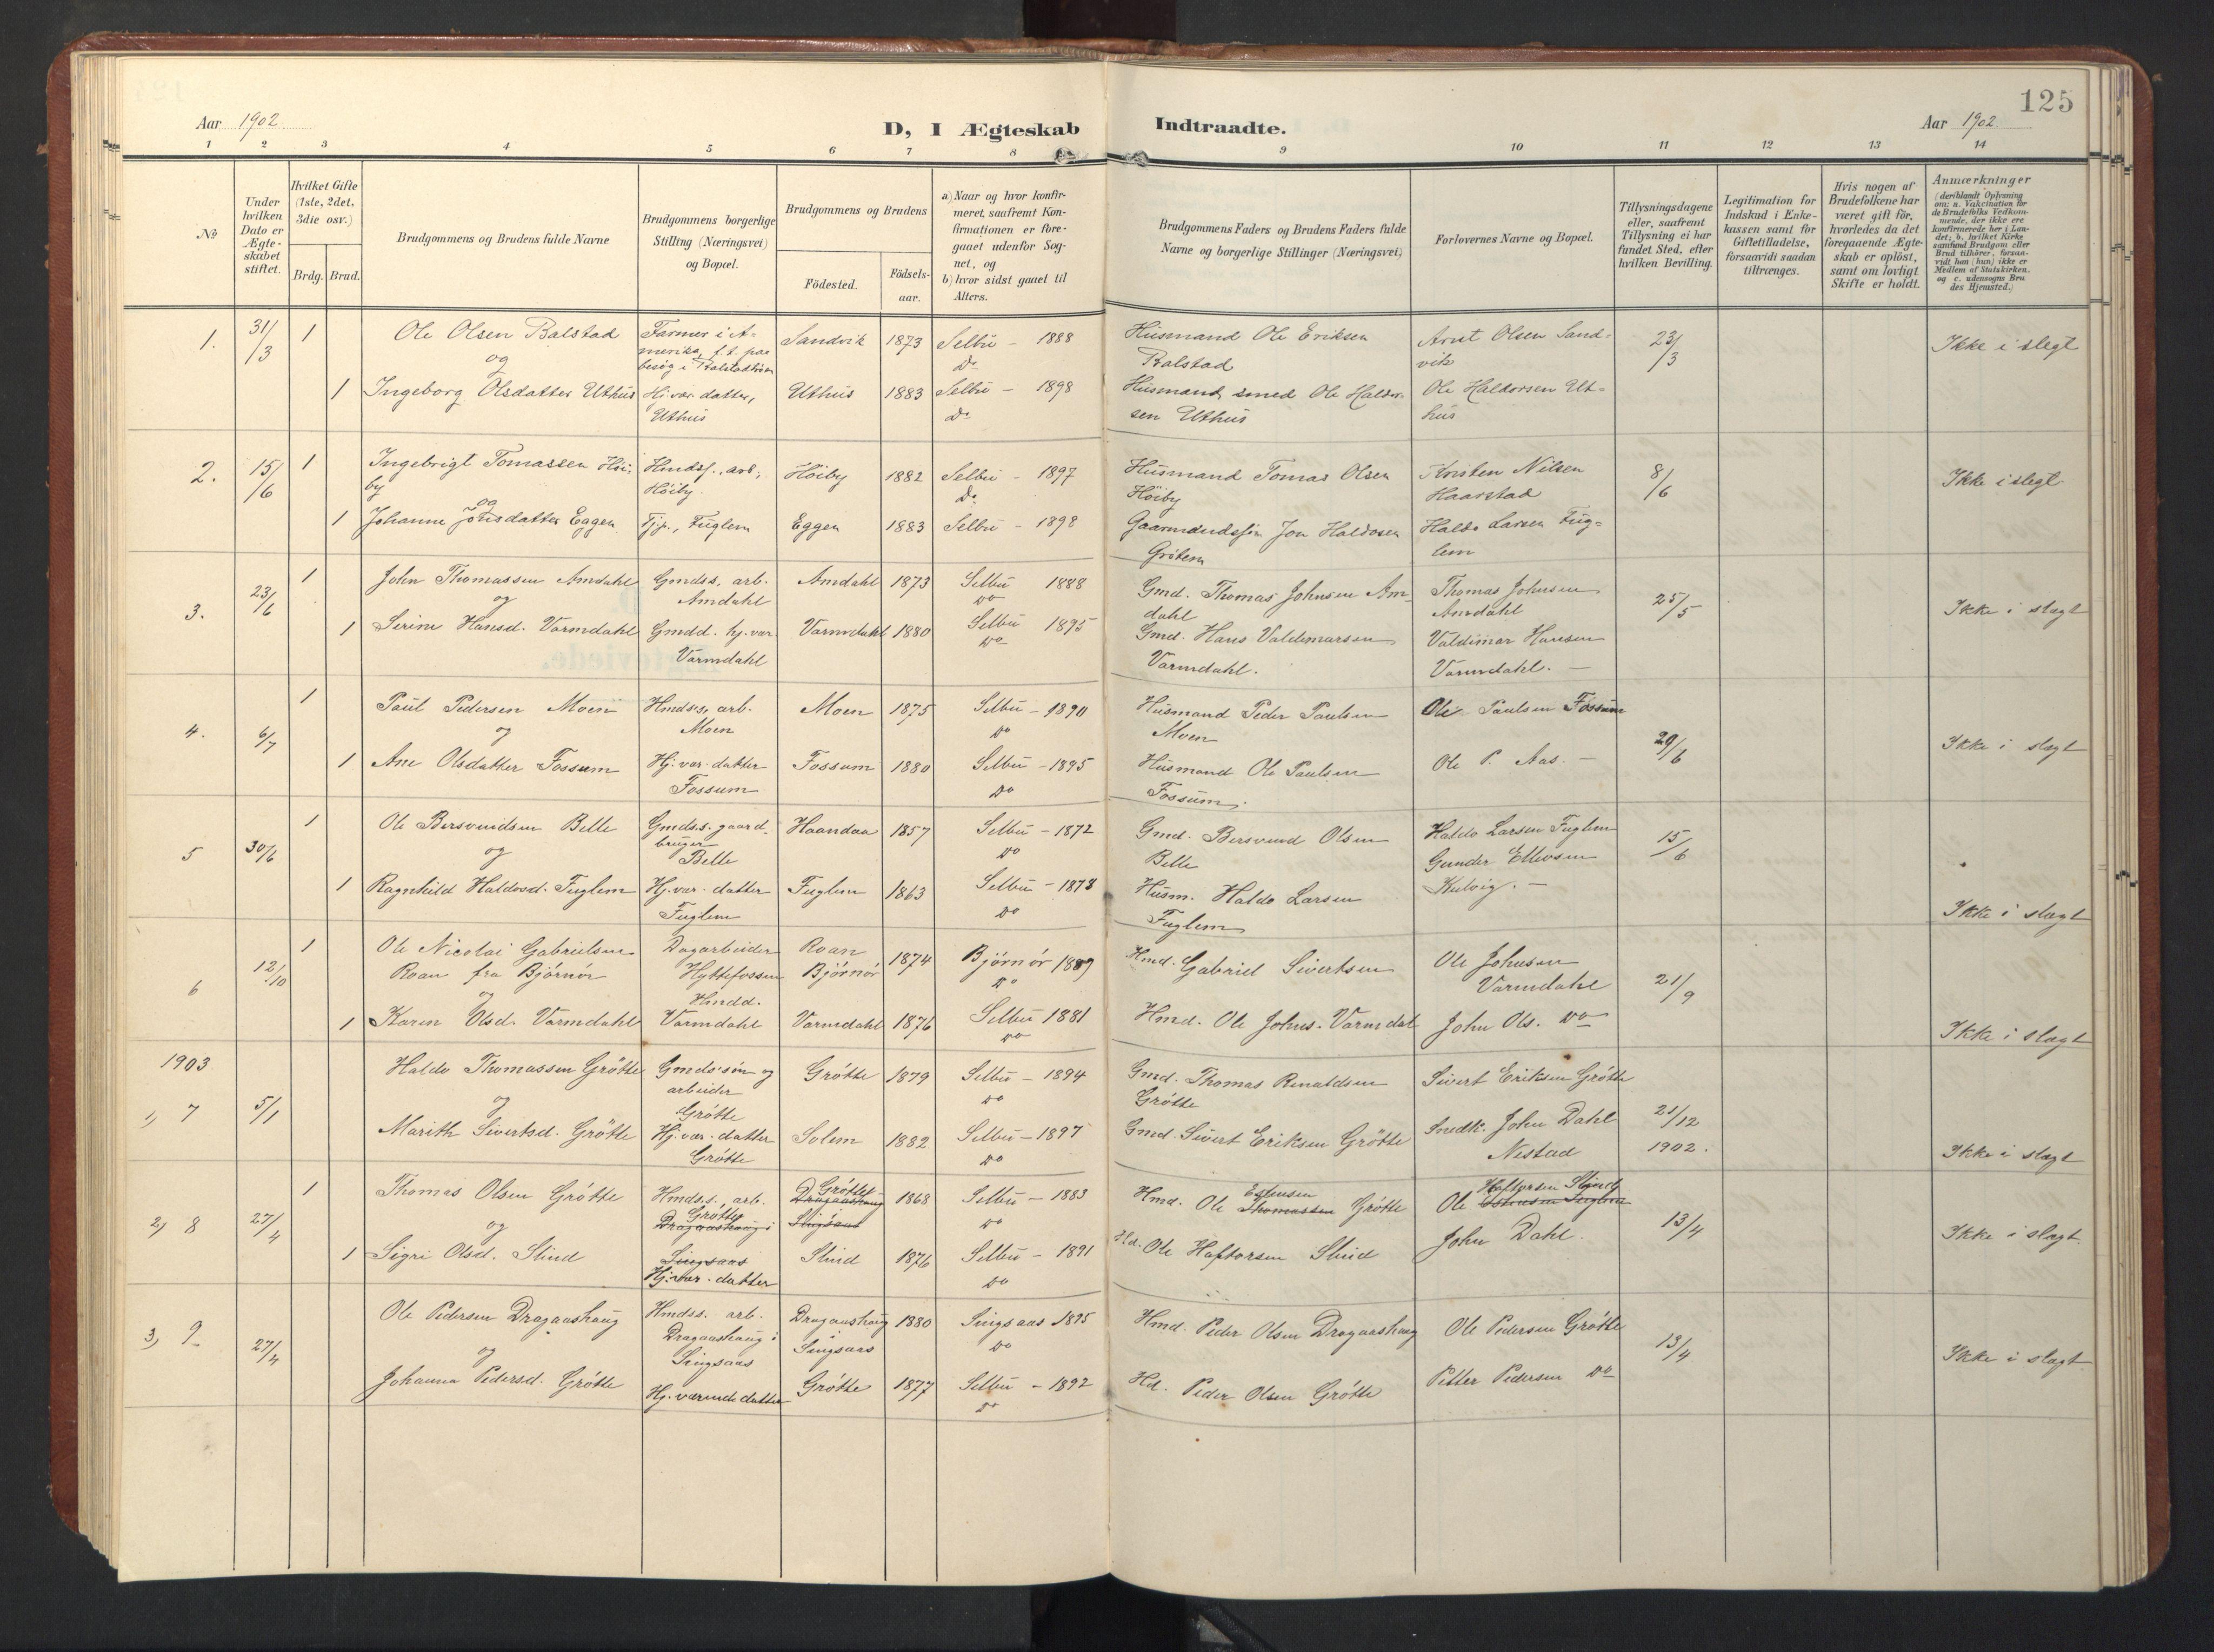 SAT, Ministerialprotokoller, klokkerbøker og fødselsregistre - Sør-Trøndelag, 696/L1161: Klokkerbok nr. 696C01, 1902-1950, s. 125